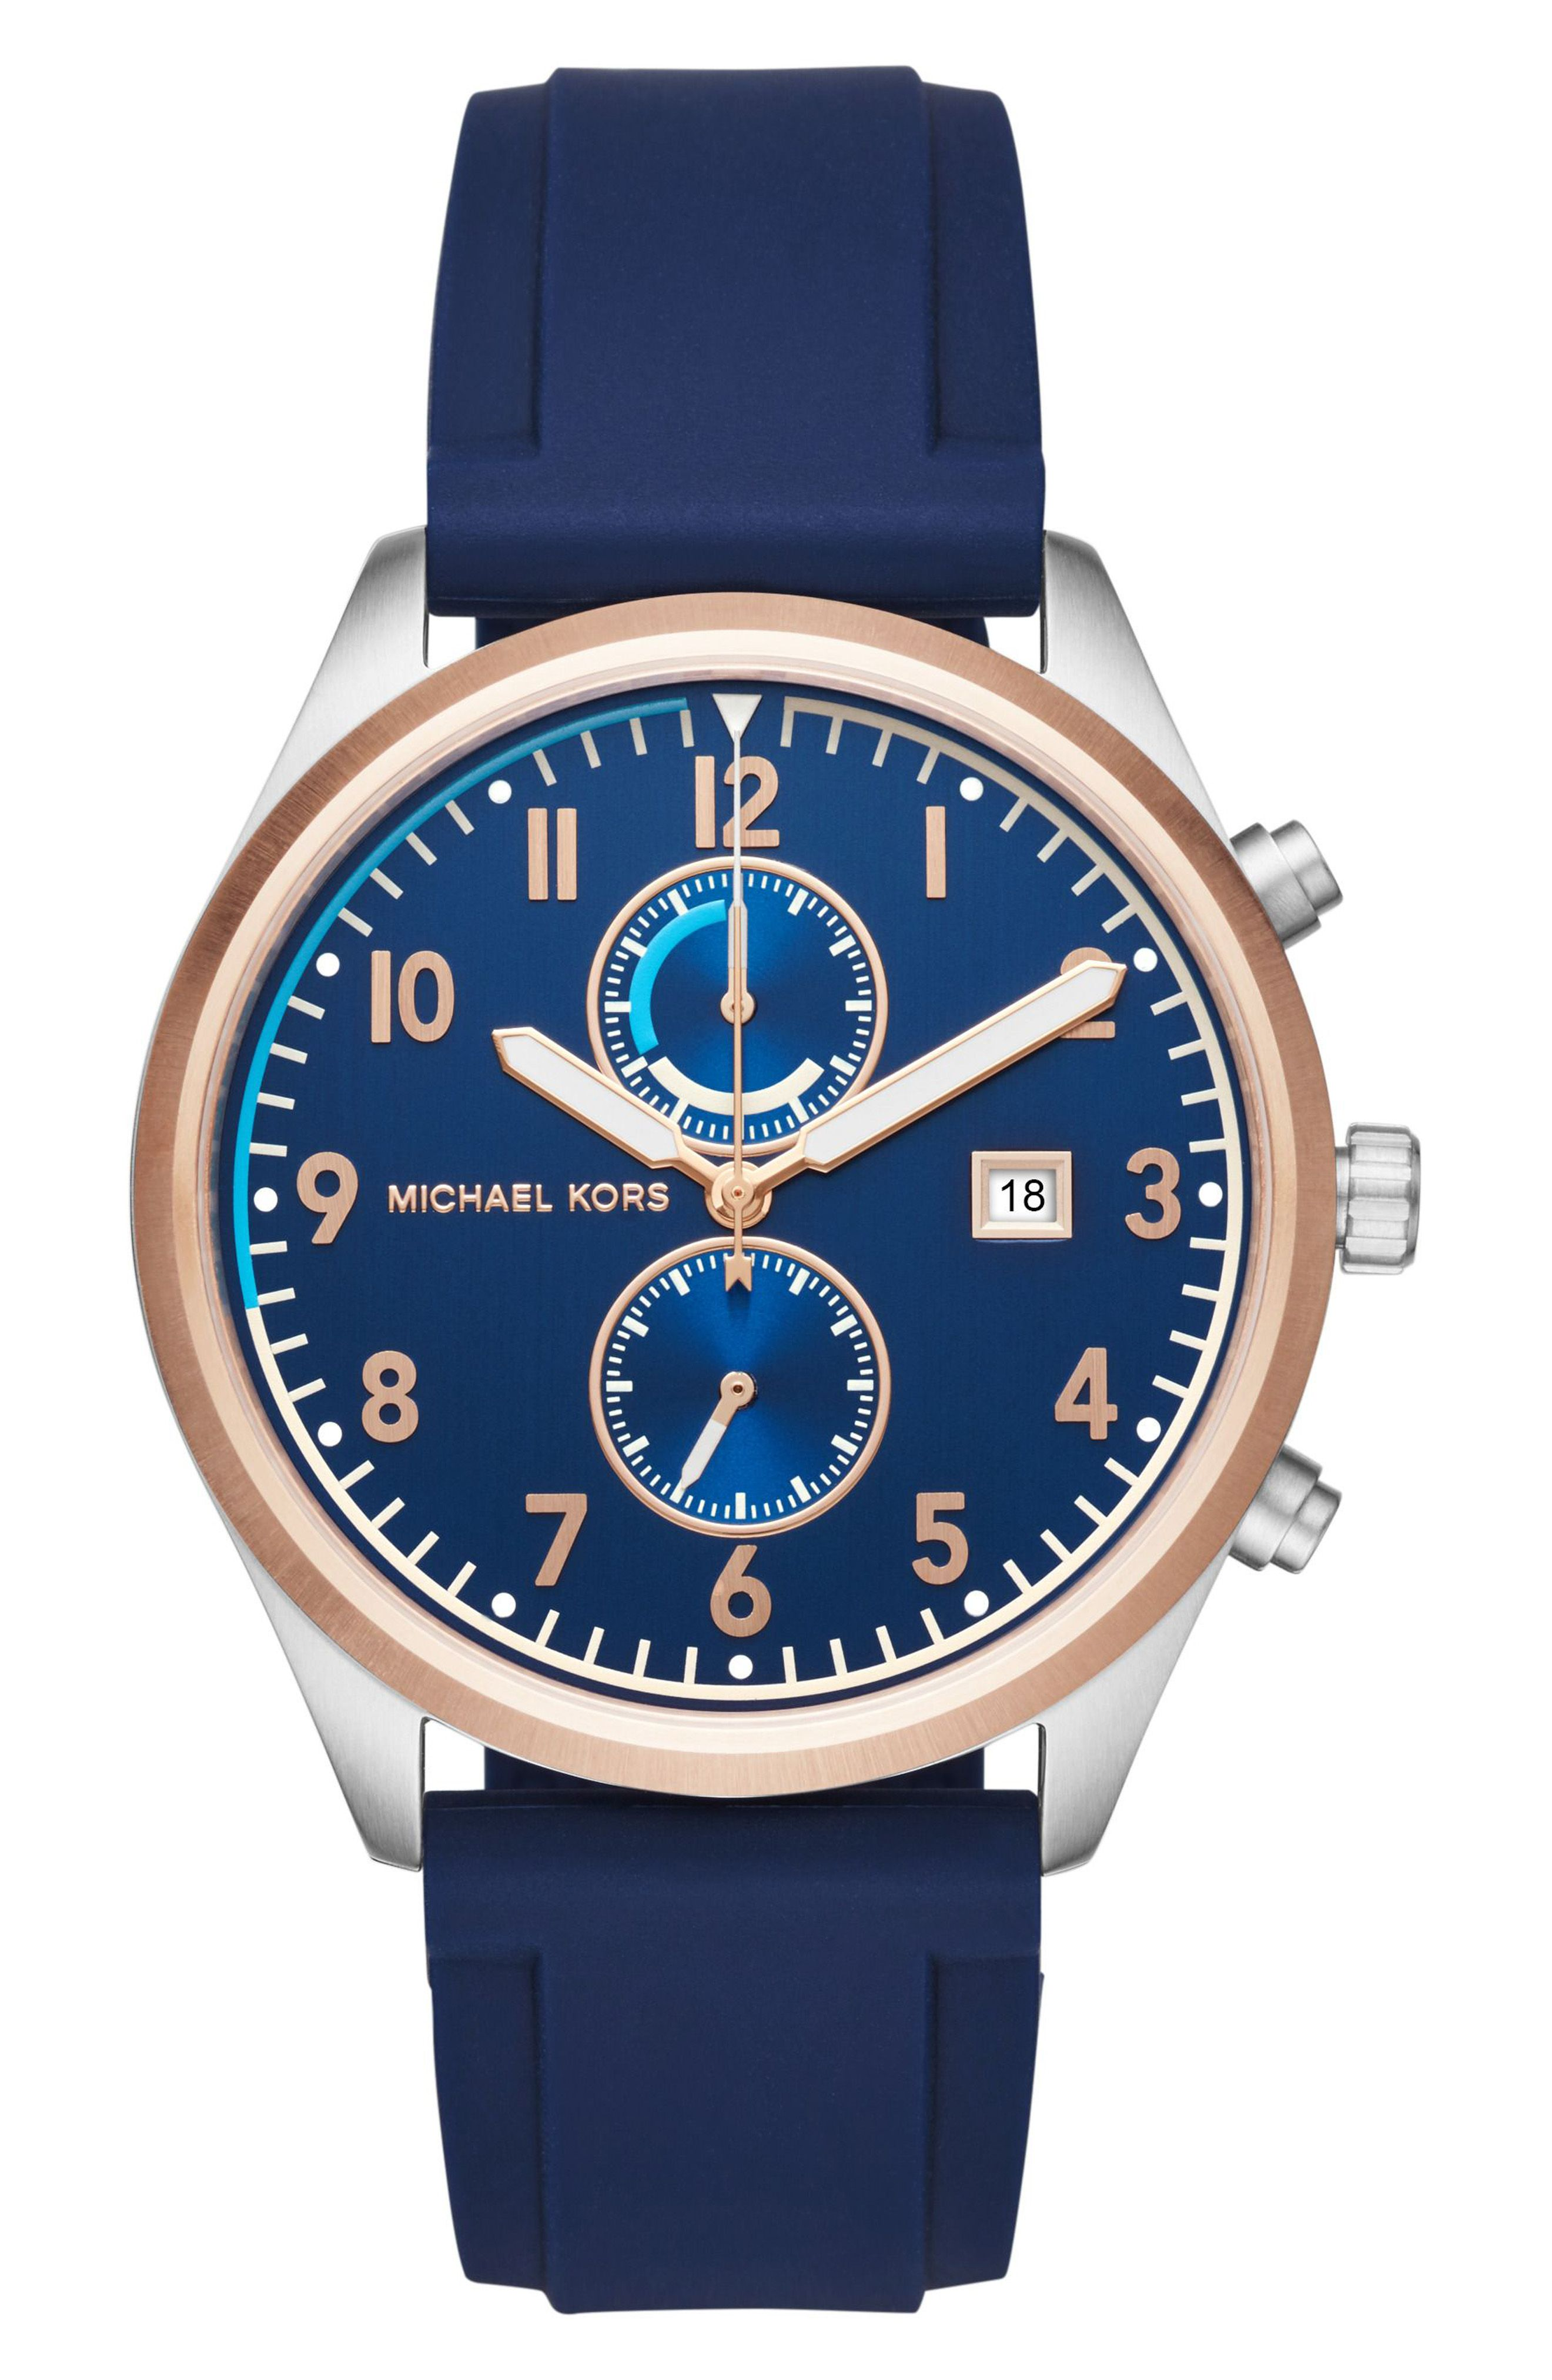 Michael Kors Chronograph Watch Michael Kors Chronograph Watch Mens Watches Affordable